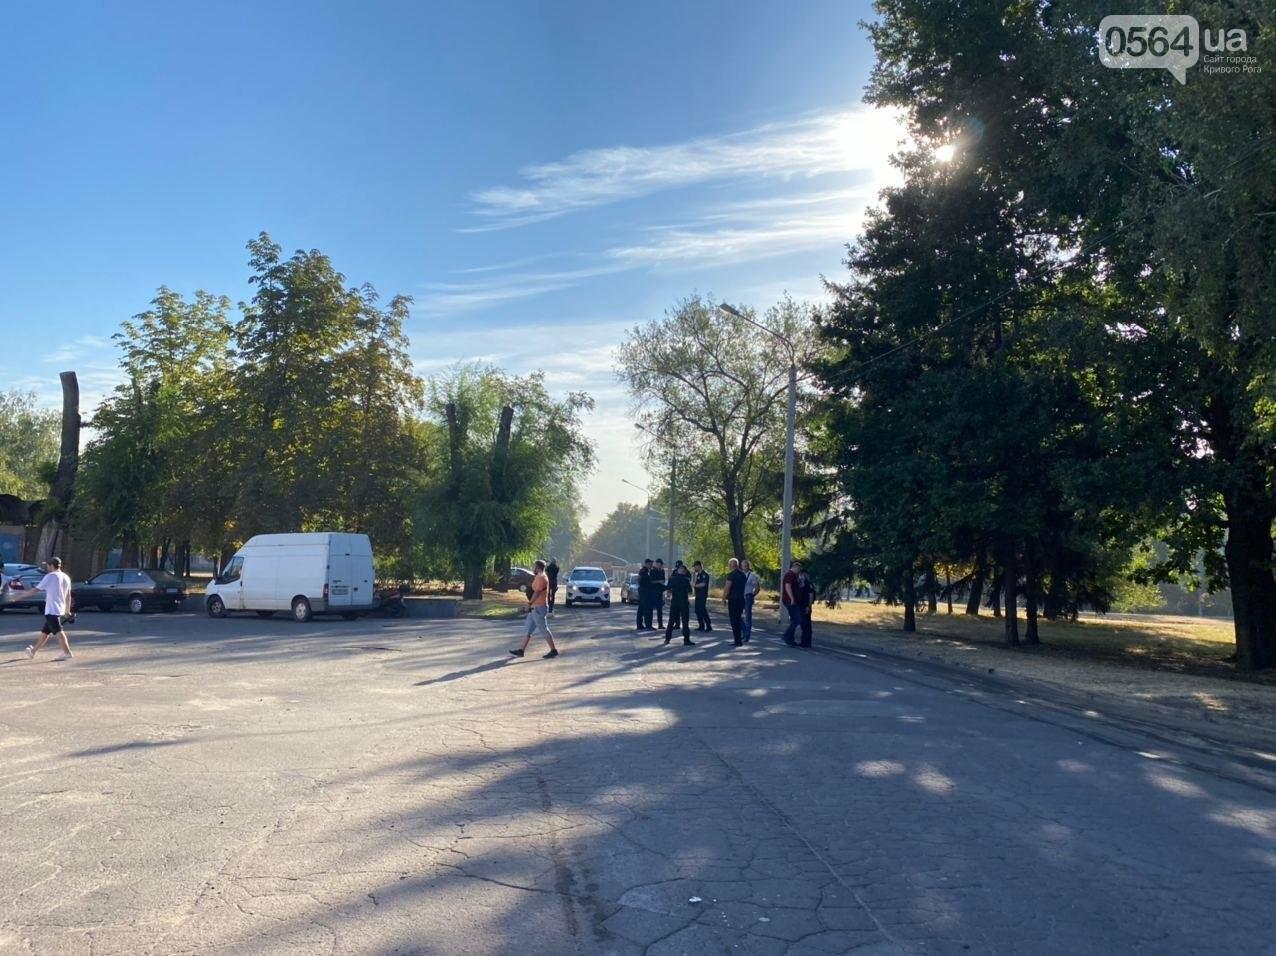 """Возле стадиона """"Металлург"""" в Кривом Роге ожидают президента. Огромный участок подготовили под парковку автомобилей, - ФОТО, ВИДЕО, ОБНОВЛЕНО, фото-9"""